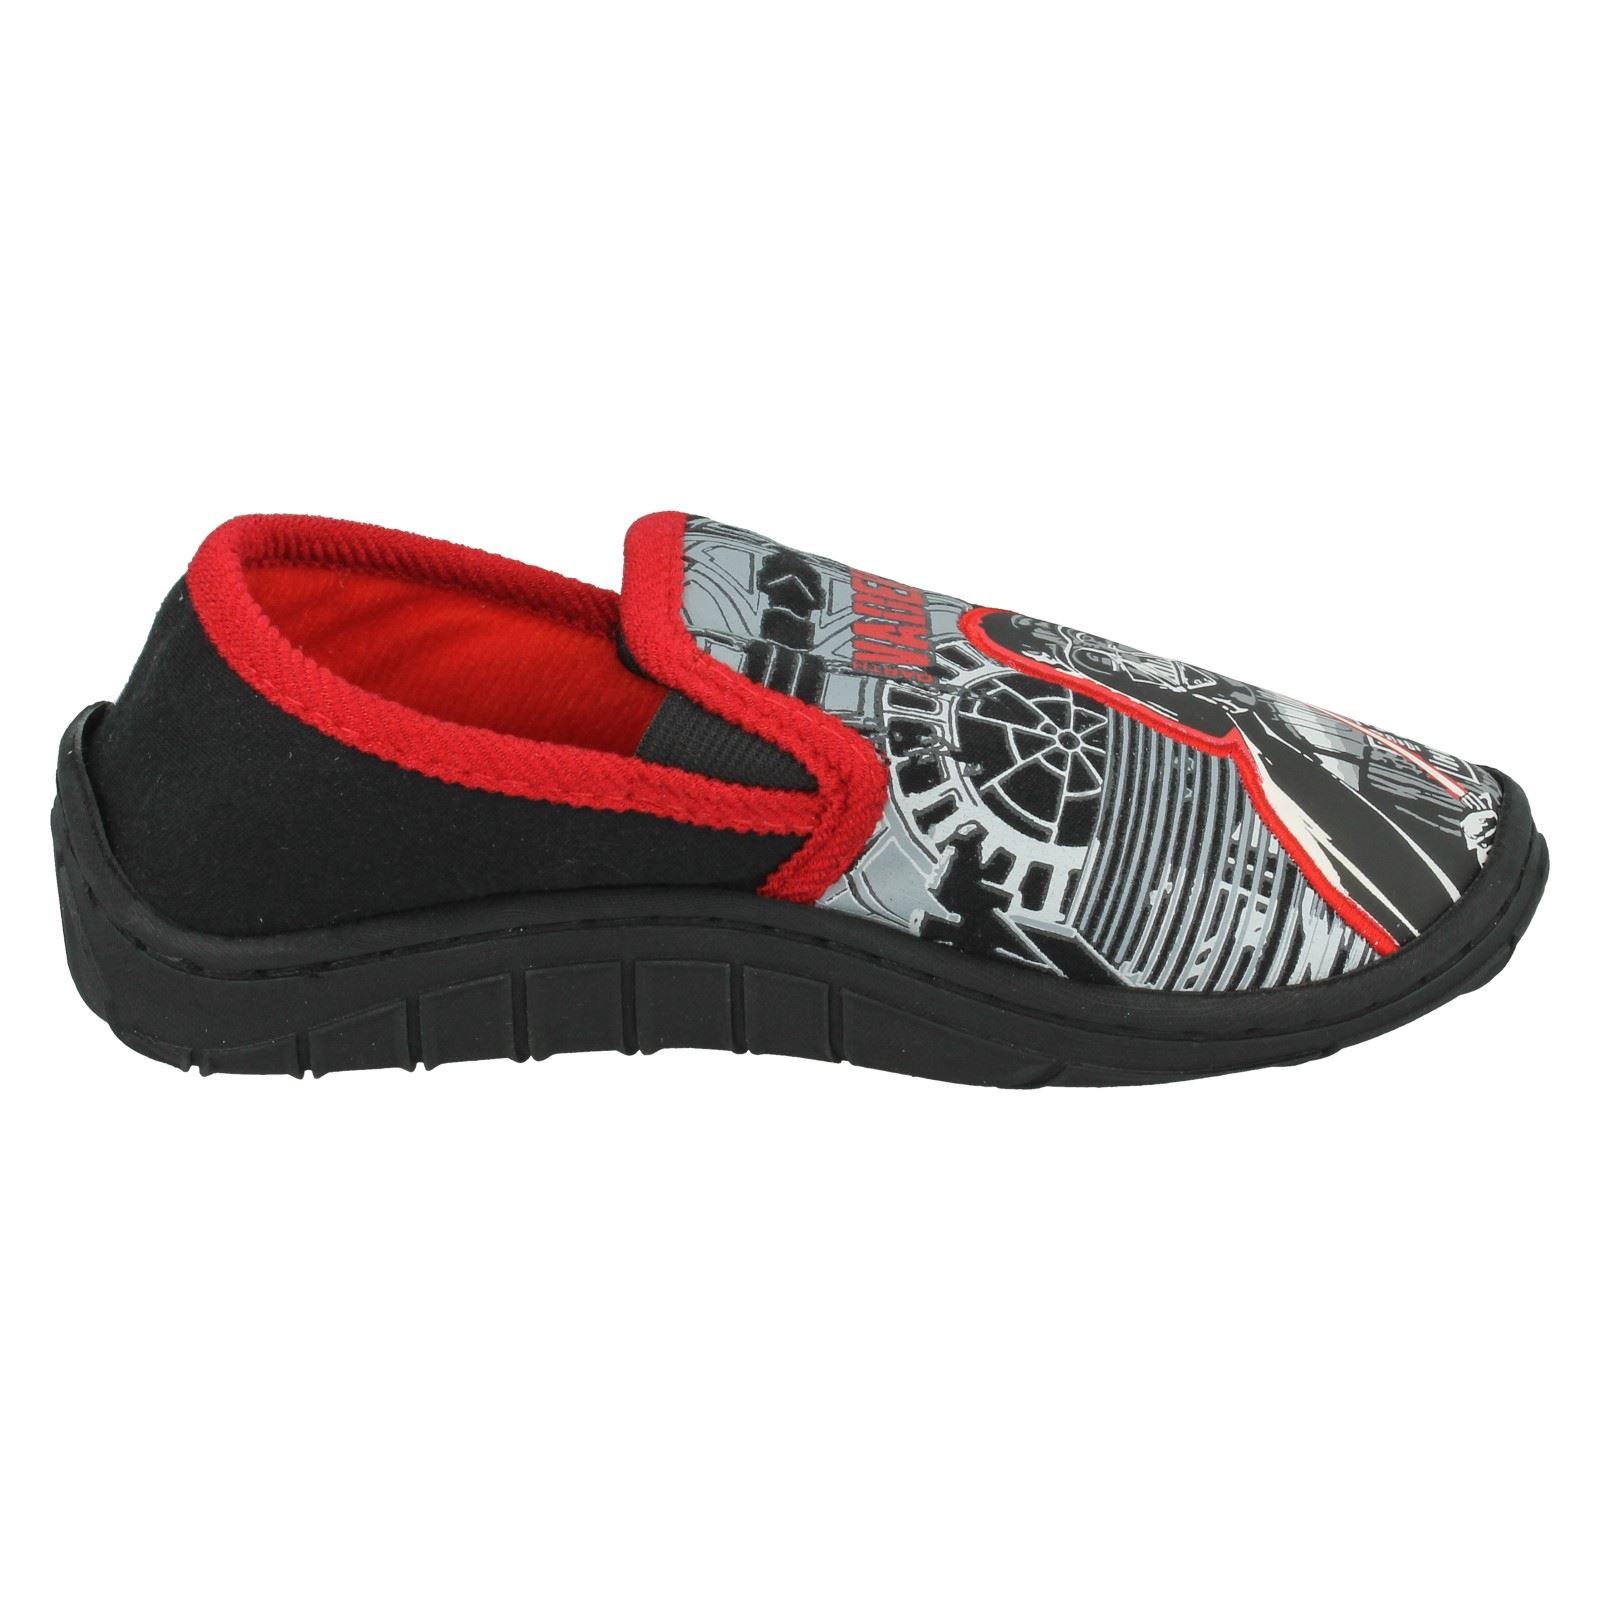 Chicos Disney Star Wars Zapatillas el estilo-GSS02 327